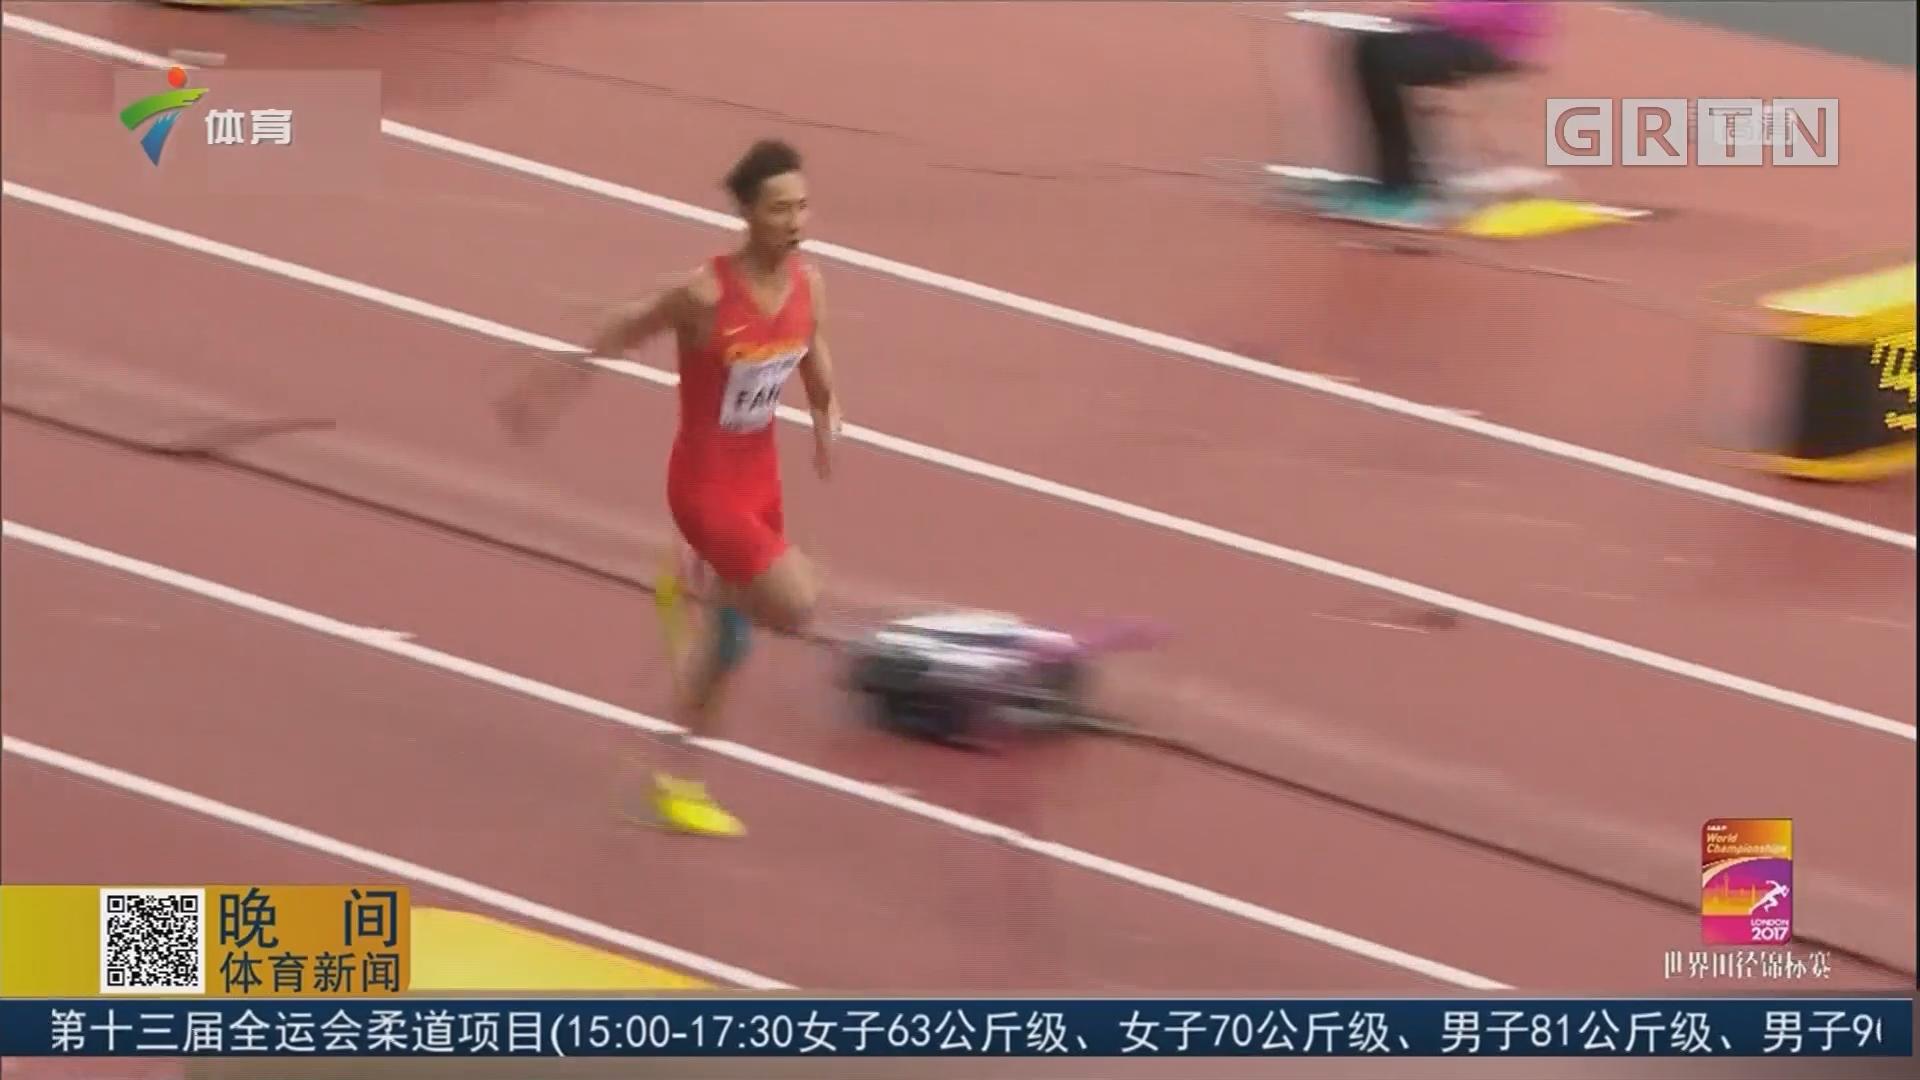 吴瑞庭晋级男子三级跳远决赛